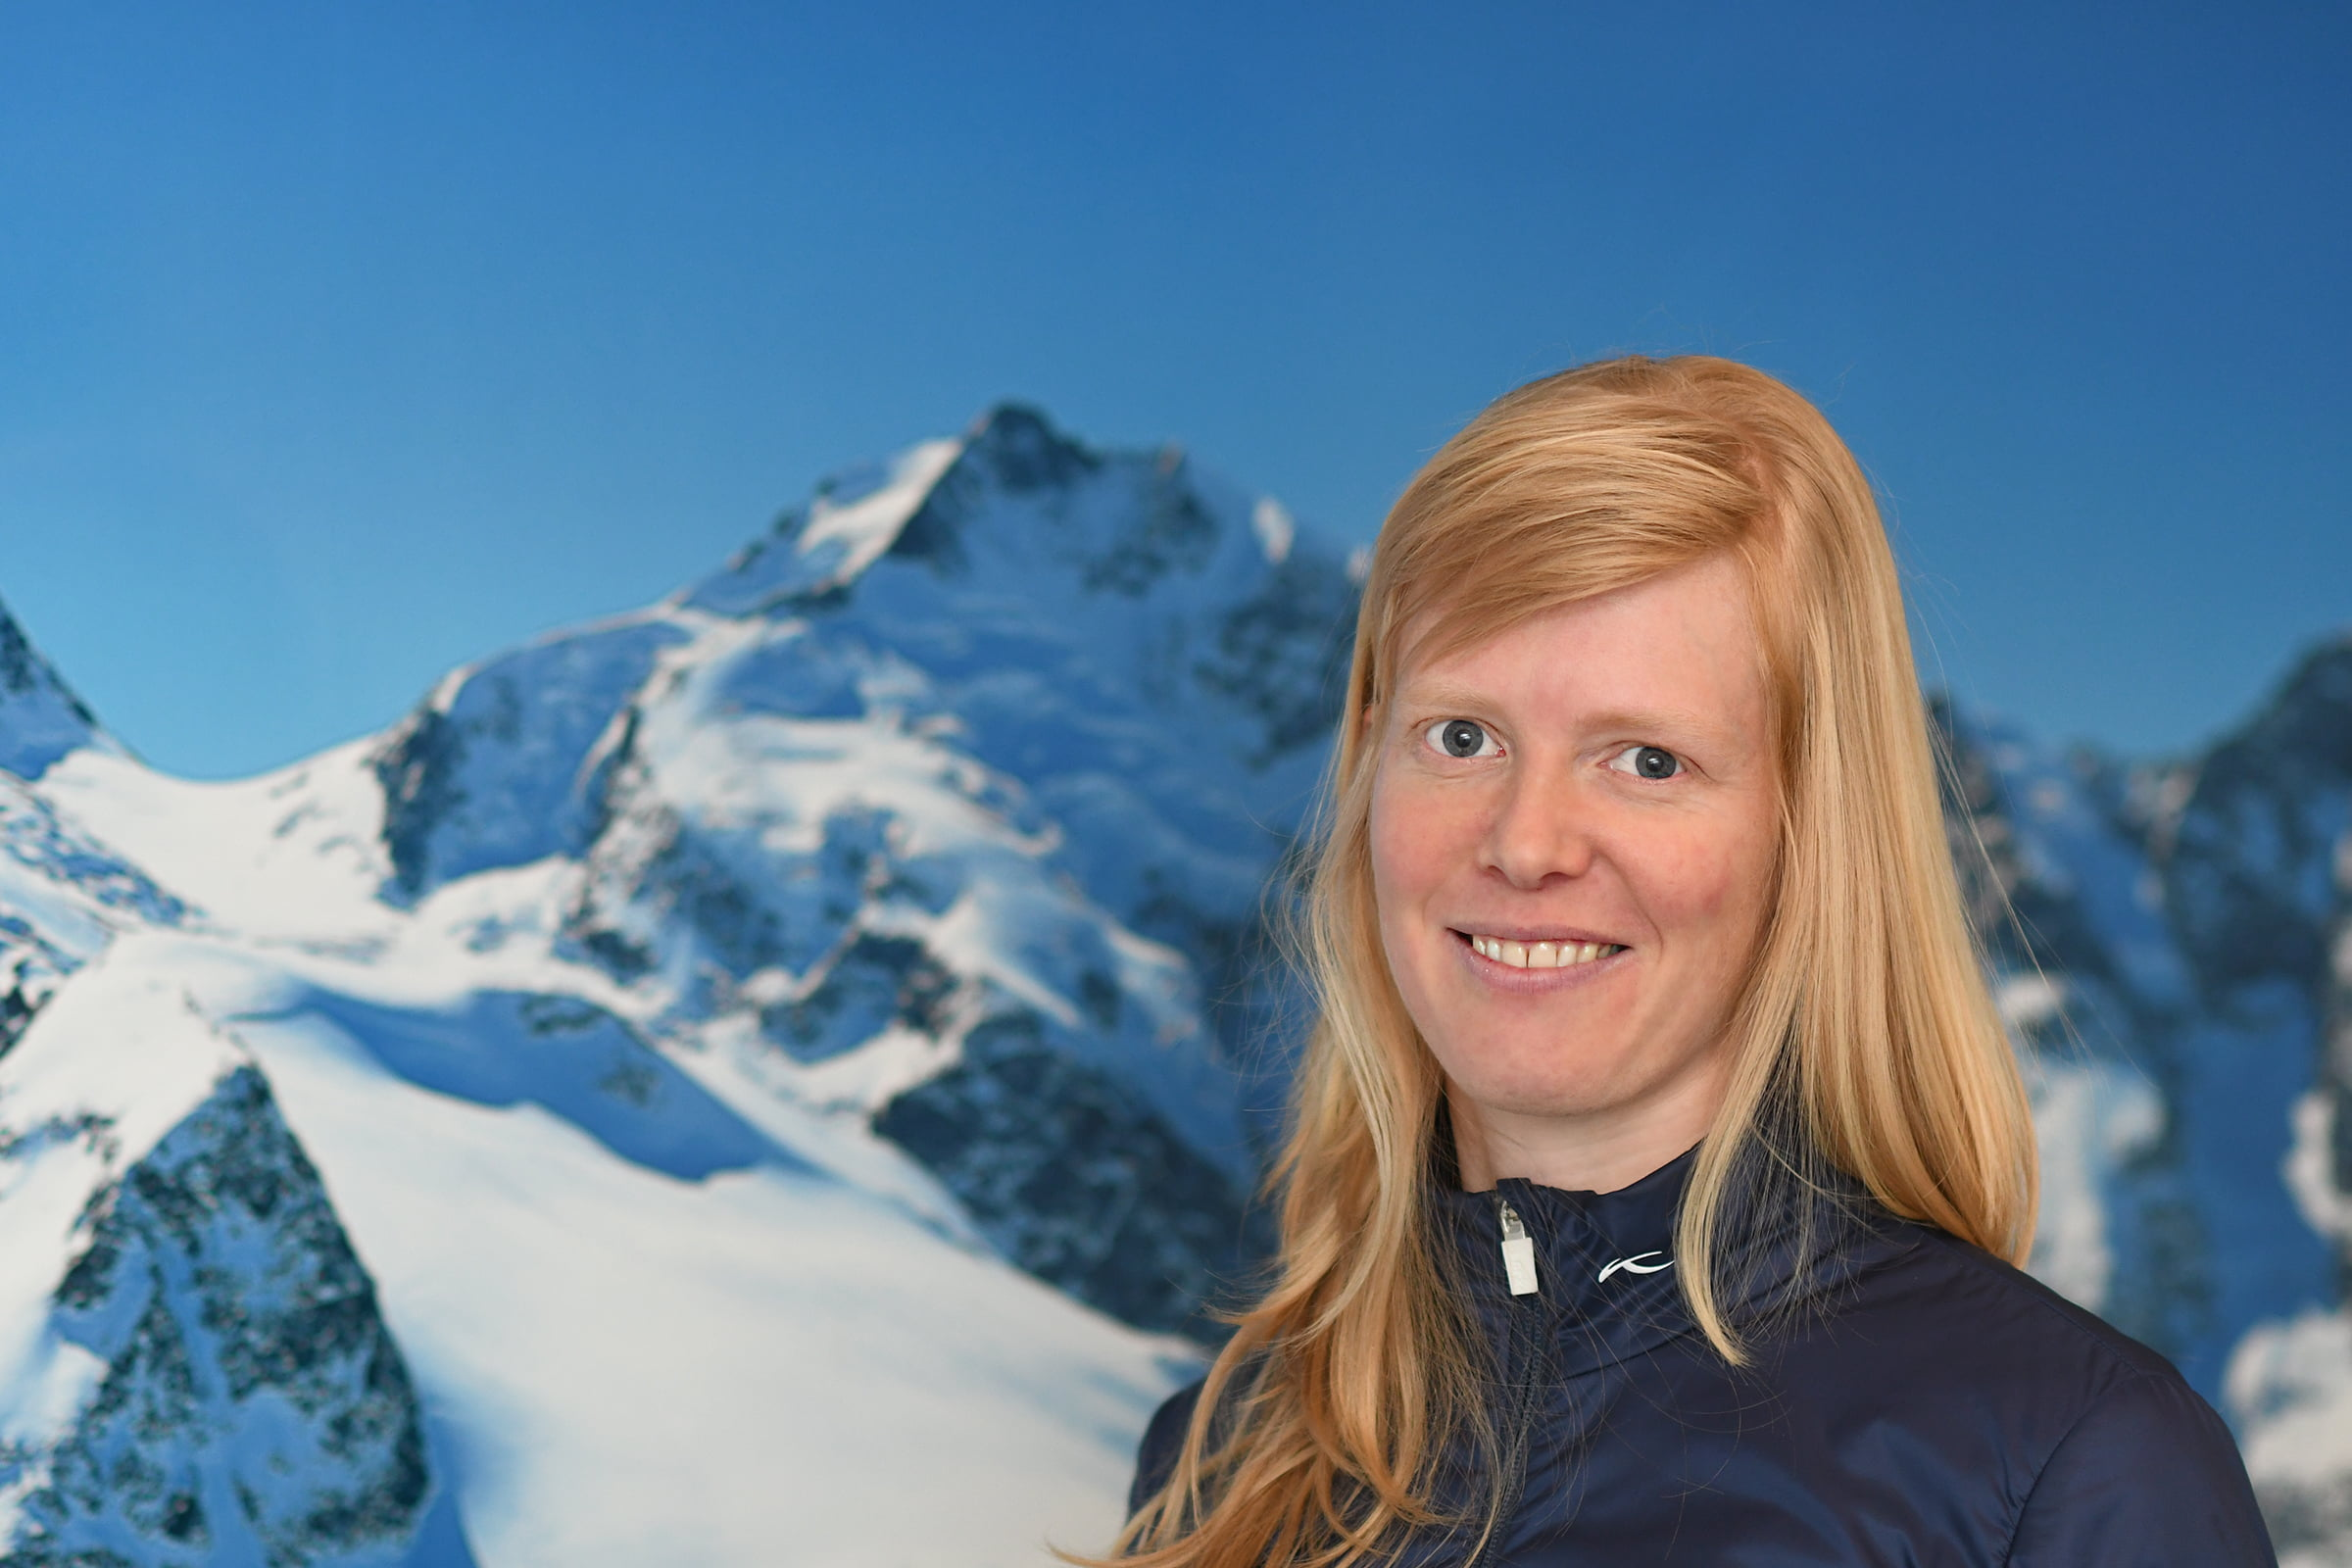 Fabienne Zimmerli